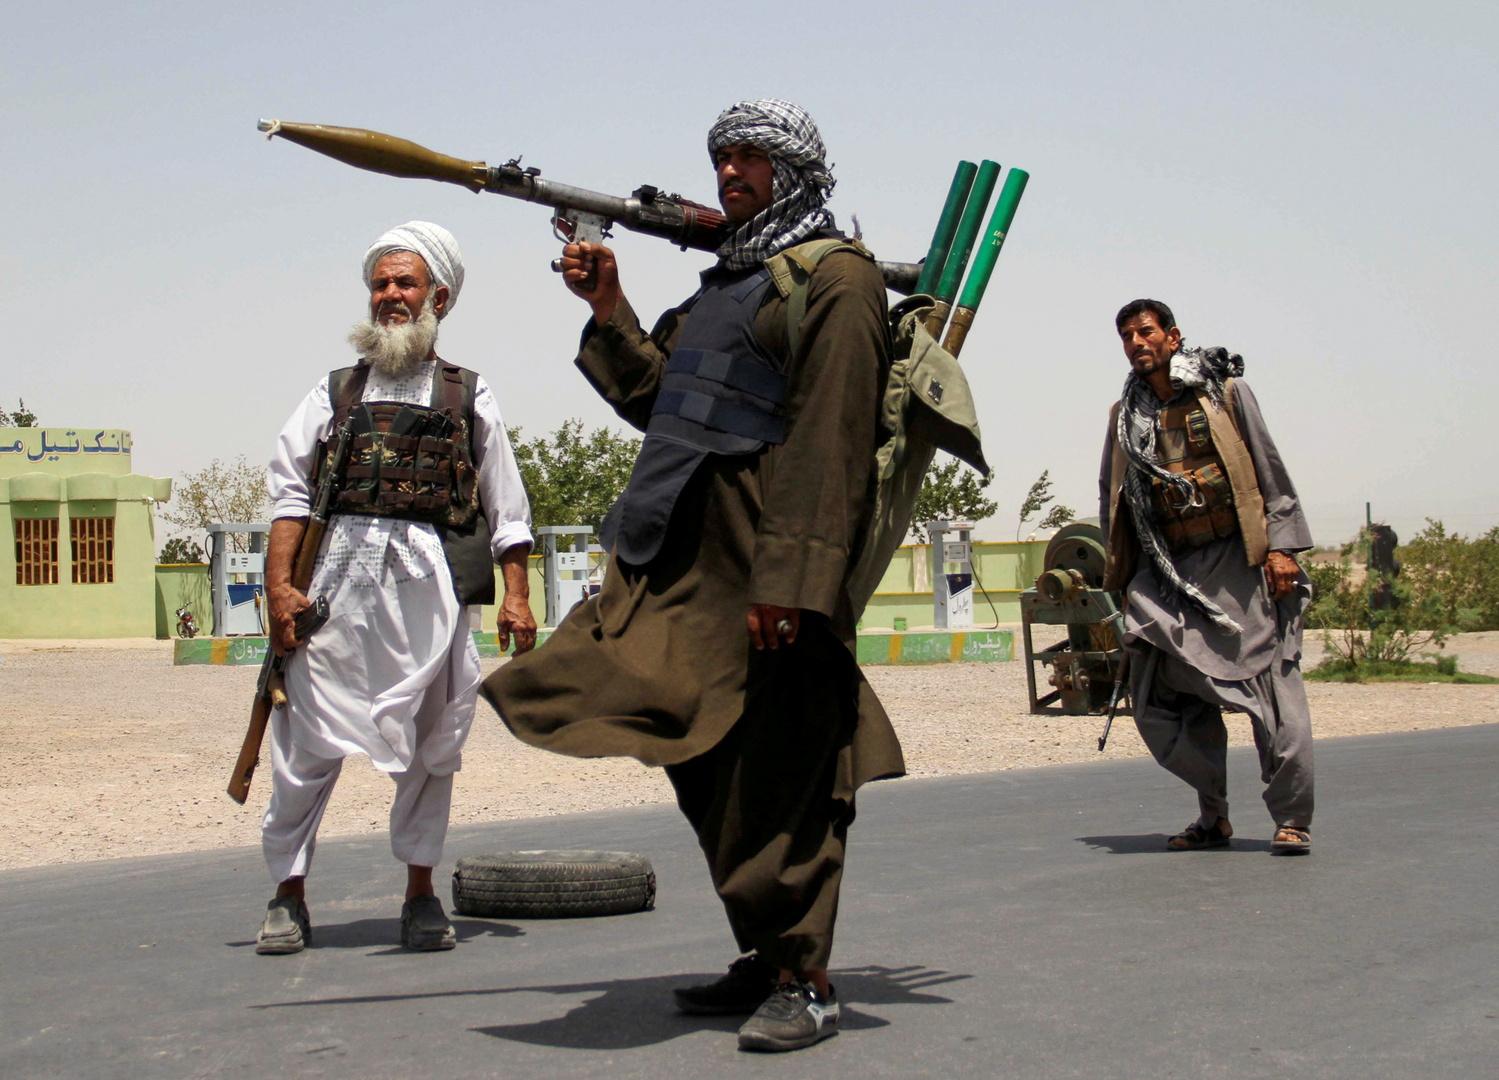 مقتل 40 مدنيا في أفغانستان والأمم المتحدة تدعو إلى وقف القتال